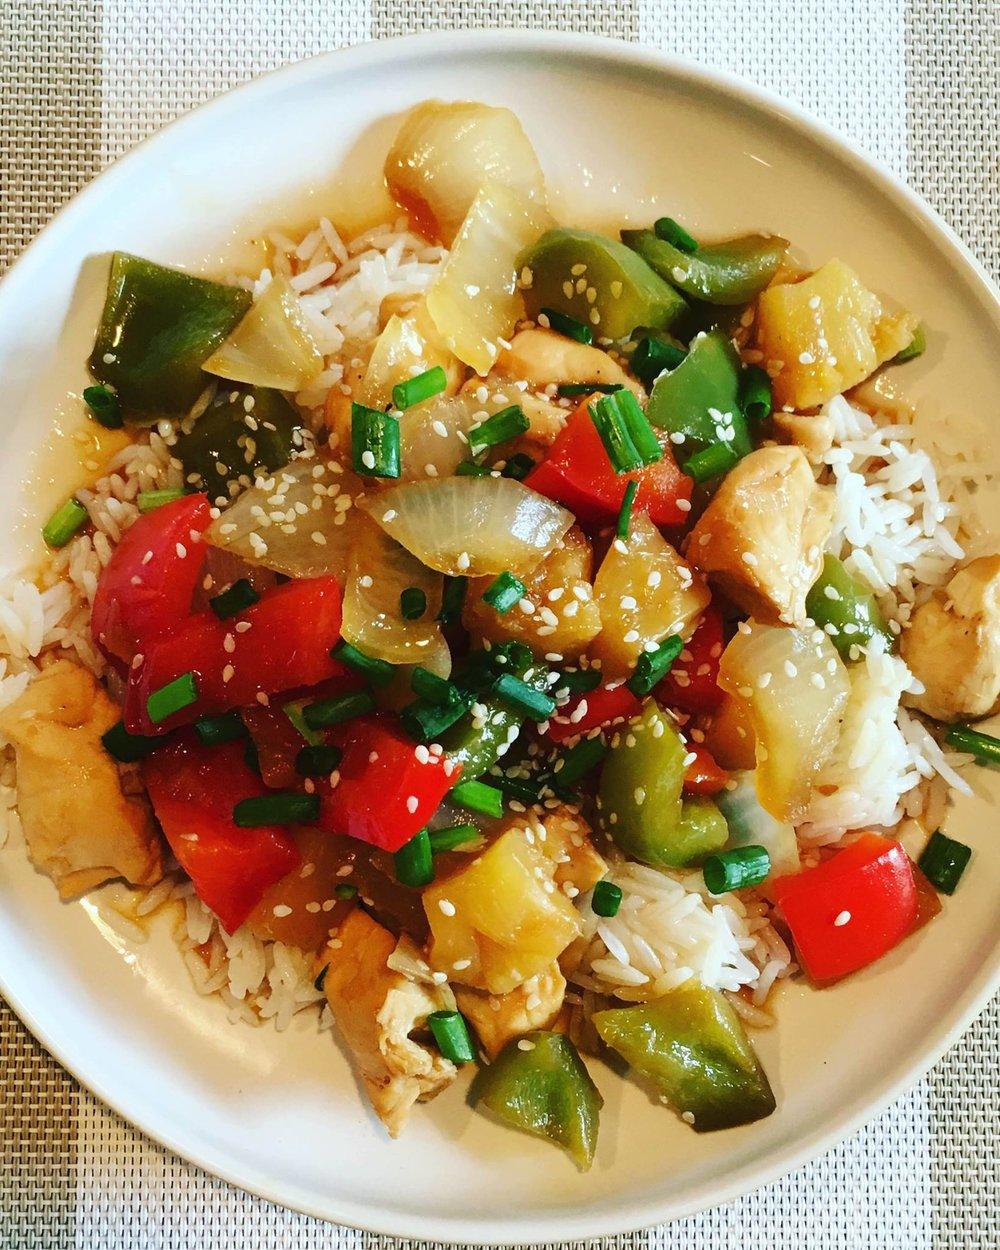 grilled-pineapple-chicken.jpg